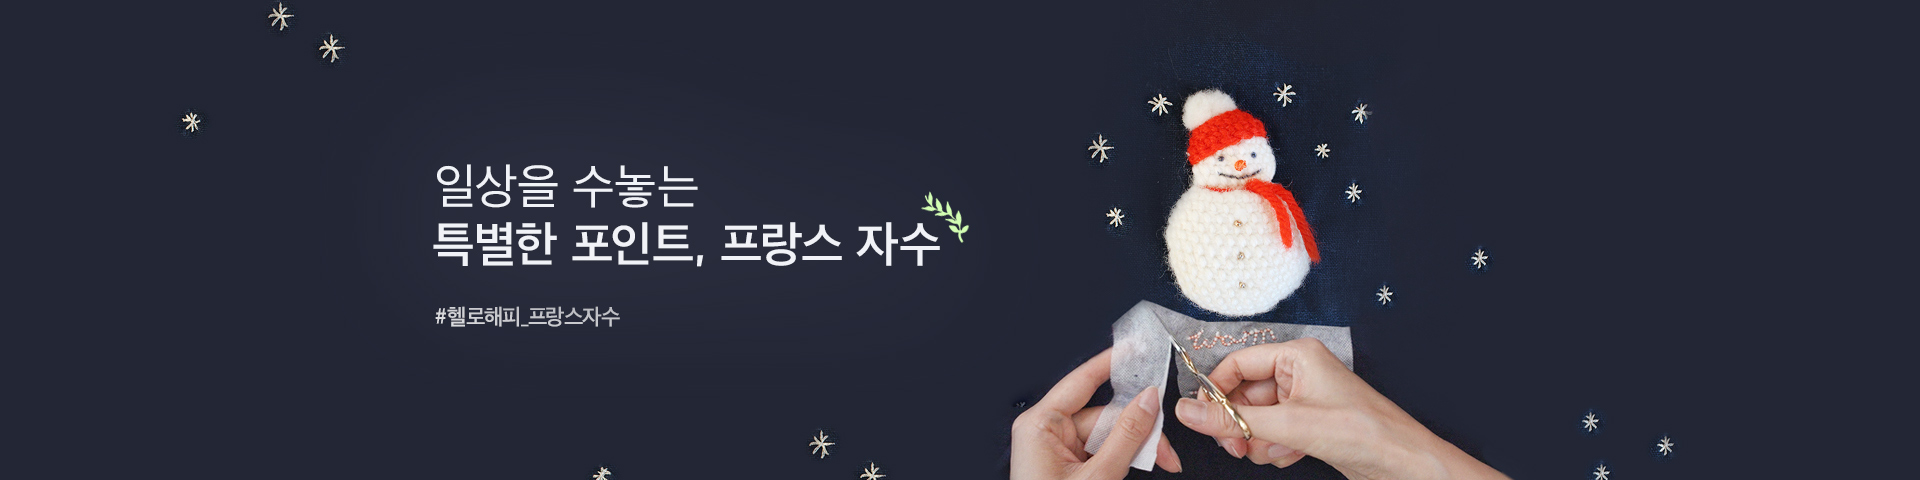 클래스소개_프랑스자수